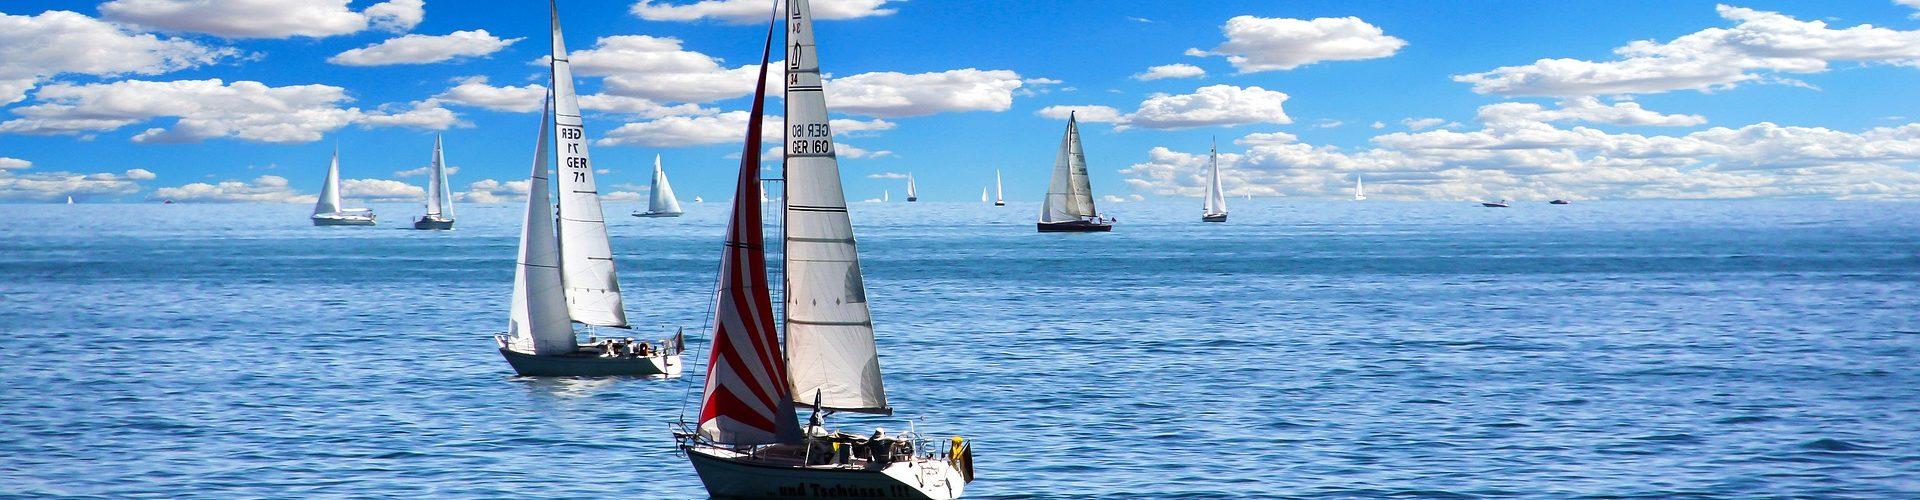 segeln lernen in Ochtrup segelschein machen in Ochtrup 1920x500 - Segeln lernen in Ochtrup